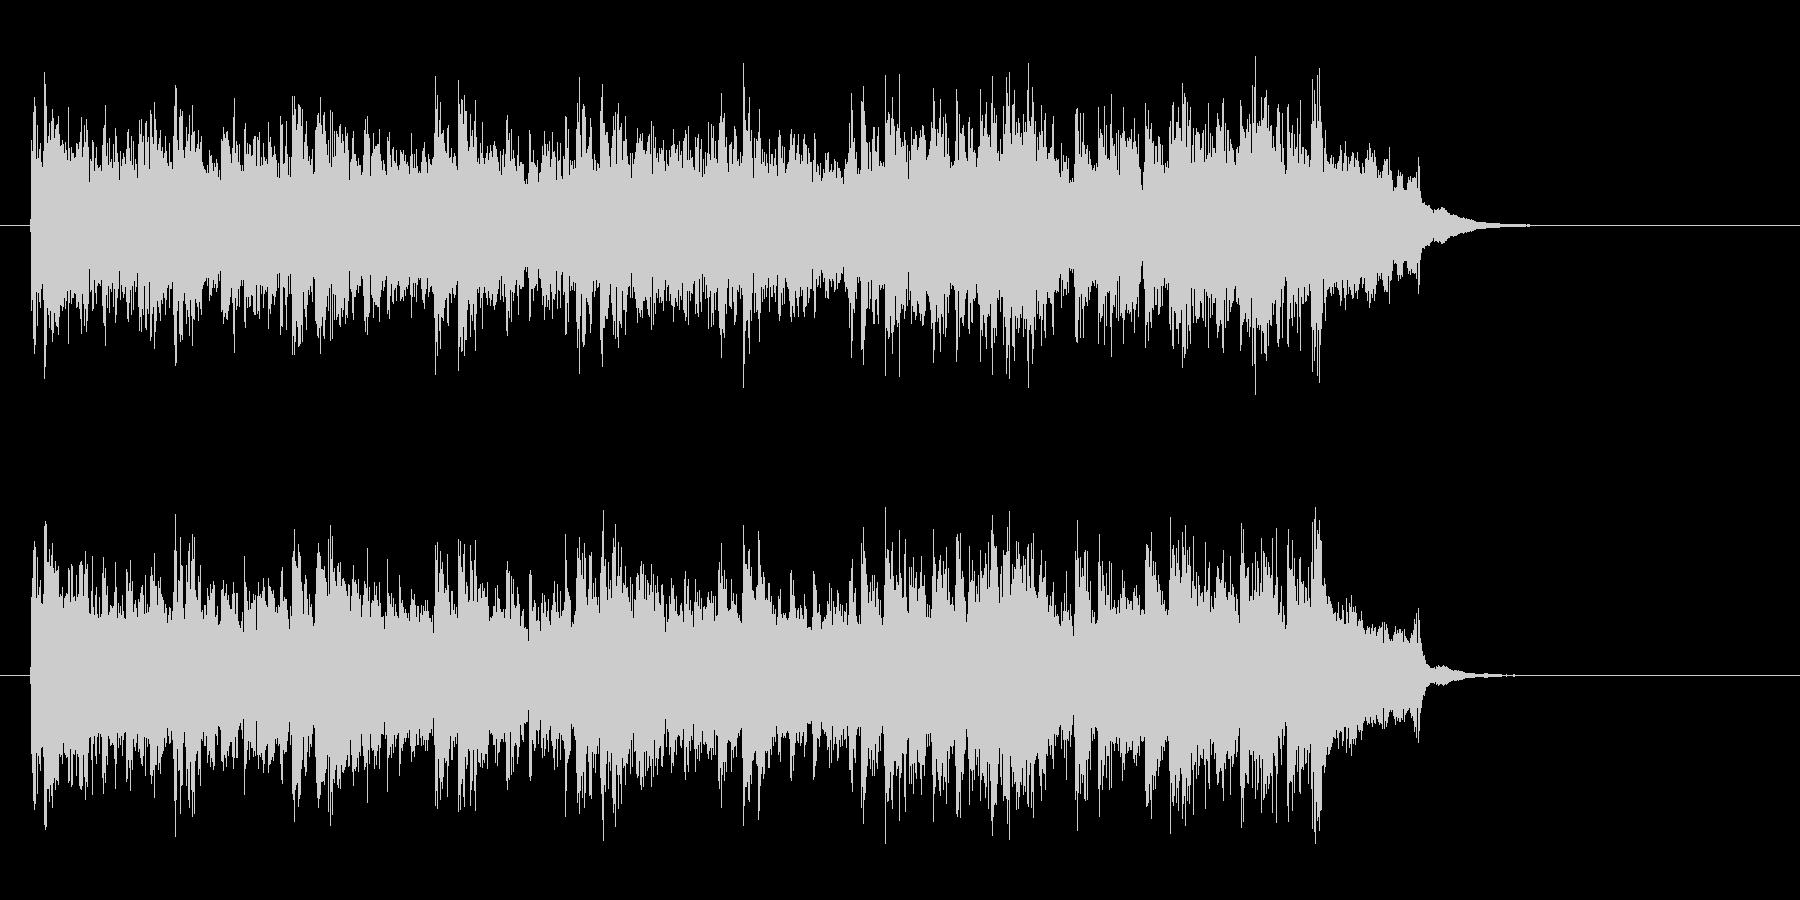 アコースティック風BGM(イントロ)の未再生の波形